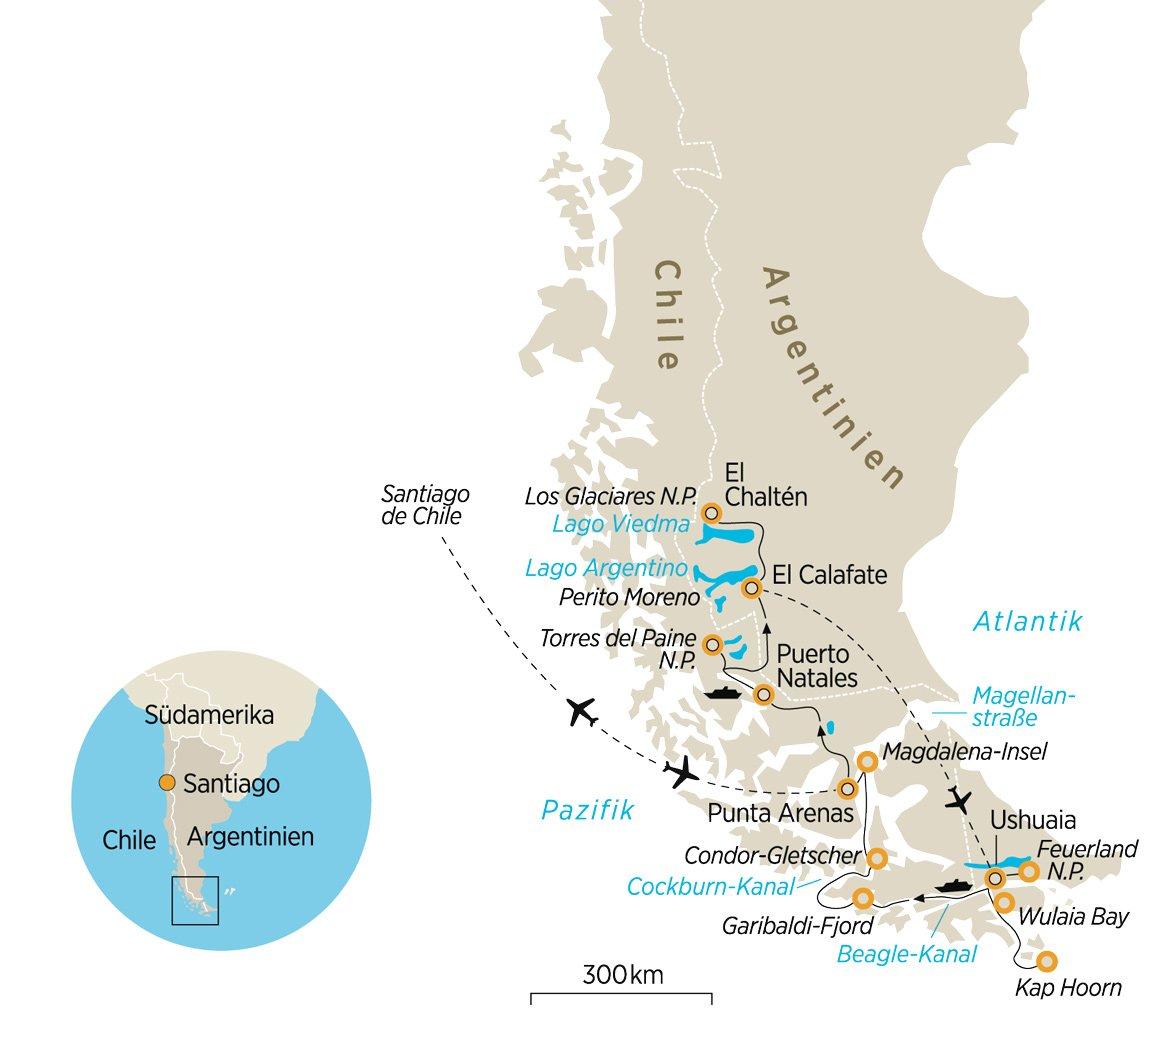 Patagonien Highlights Karte.Naturreise In Den Süden Amerikas Naturschauspiel Patagonien Hautnah